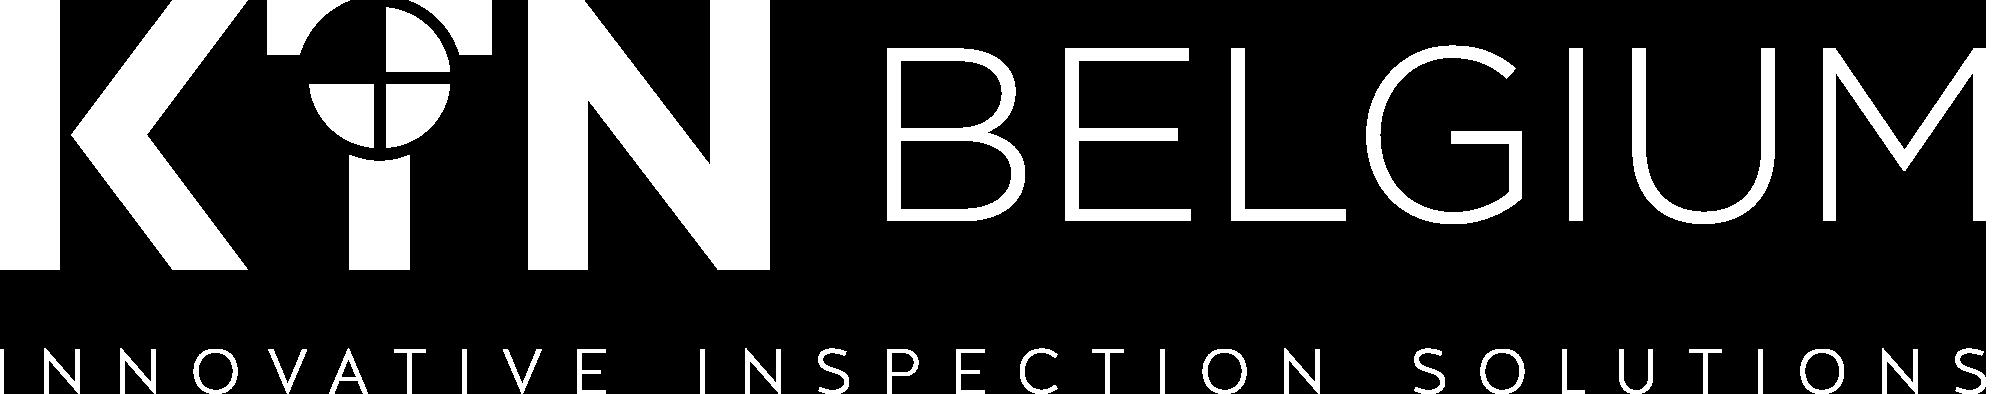 KTN BELGIUM